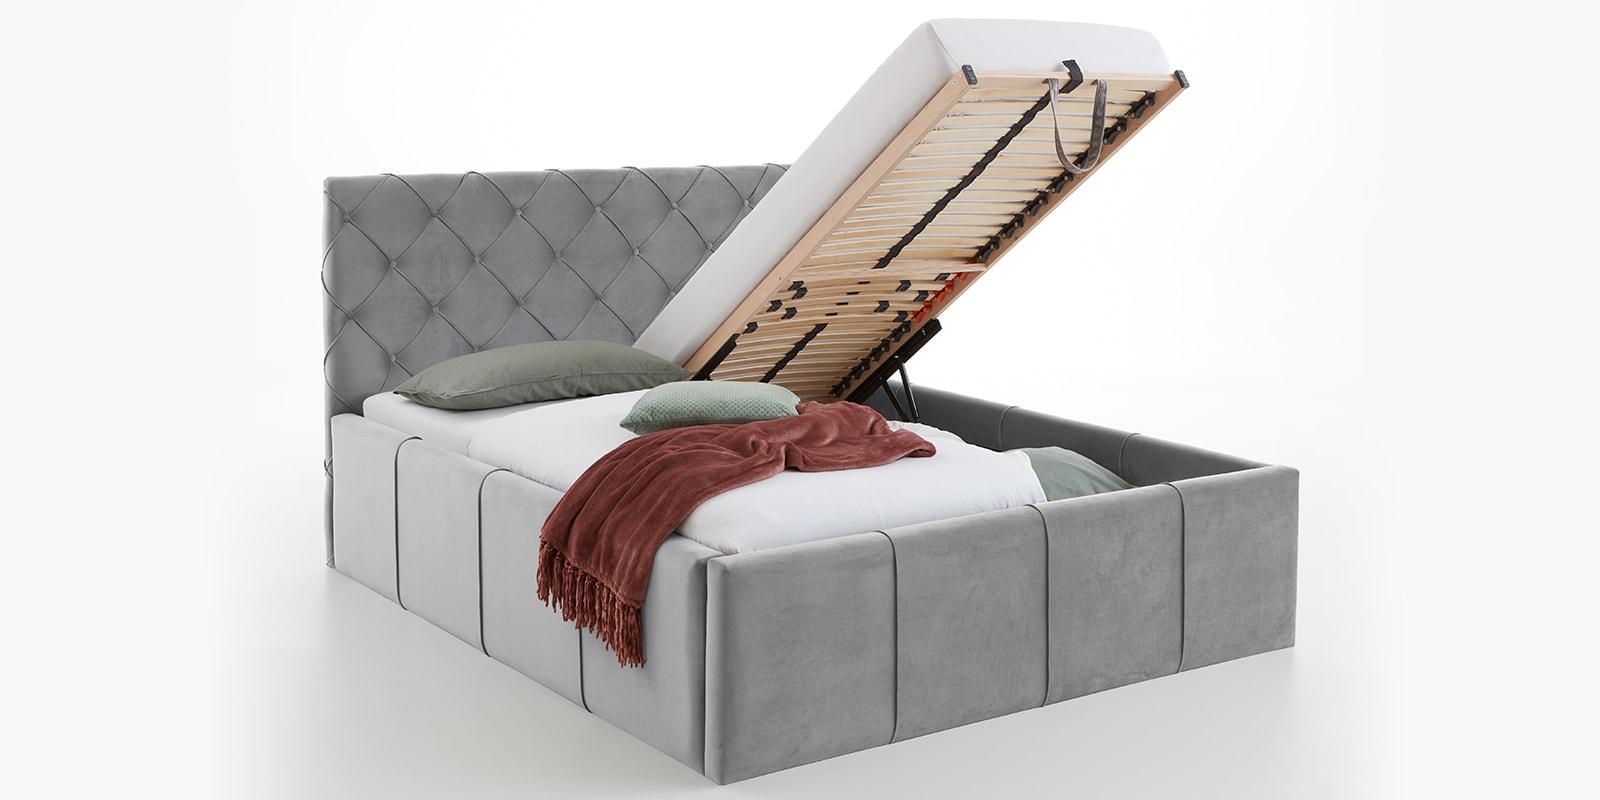 Moebella24 - Bett - mit - Bettkasten - Nelly - Samt - Grau -XXL-Stauraum - Keder - Bettkasten-vormontiert - Kopfteil - mit - Knopfheftung